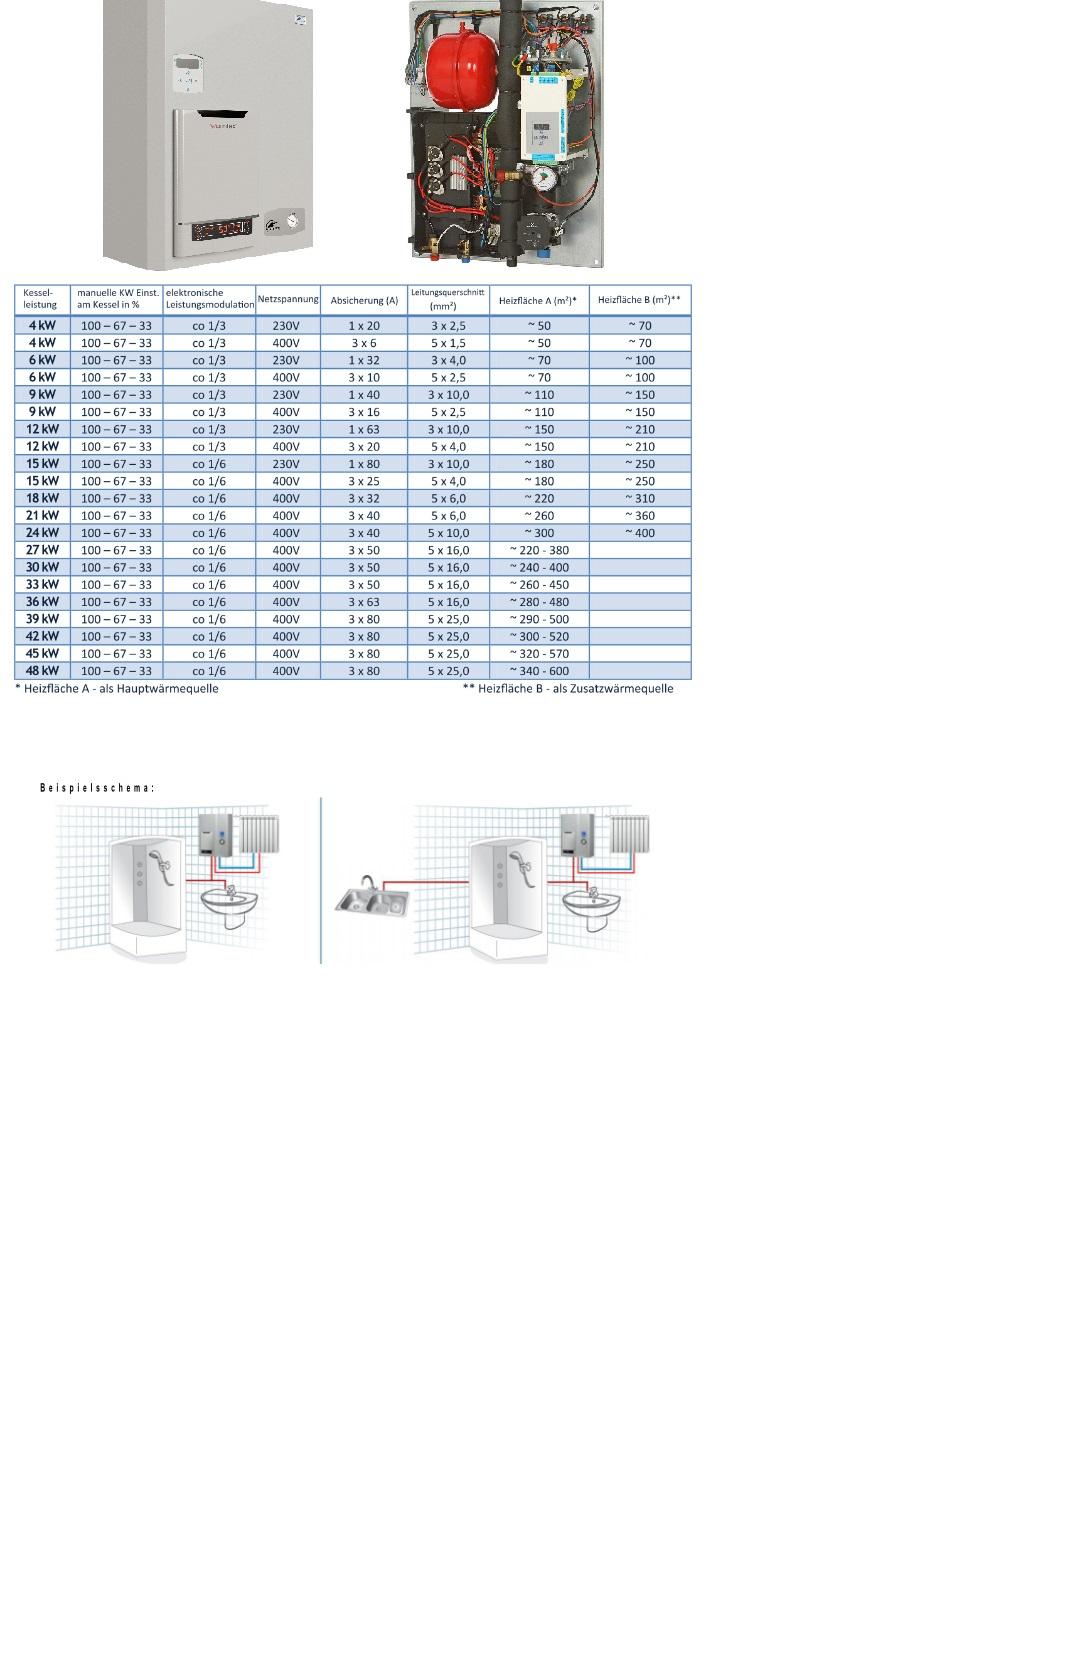 elektrokessel zentralheizung 4 bis 12 kw durchlauferhitzer 21 kw 400v. Black Bedroom Furniture Sets. Home Design Ideas